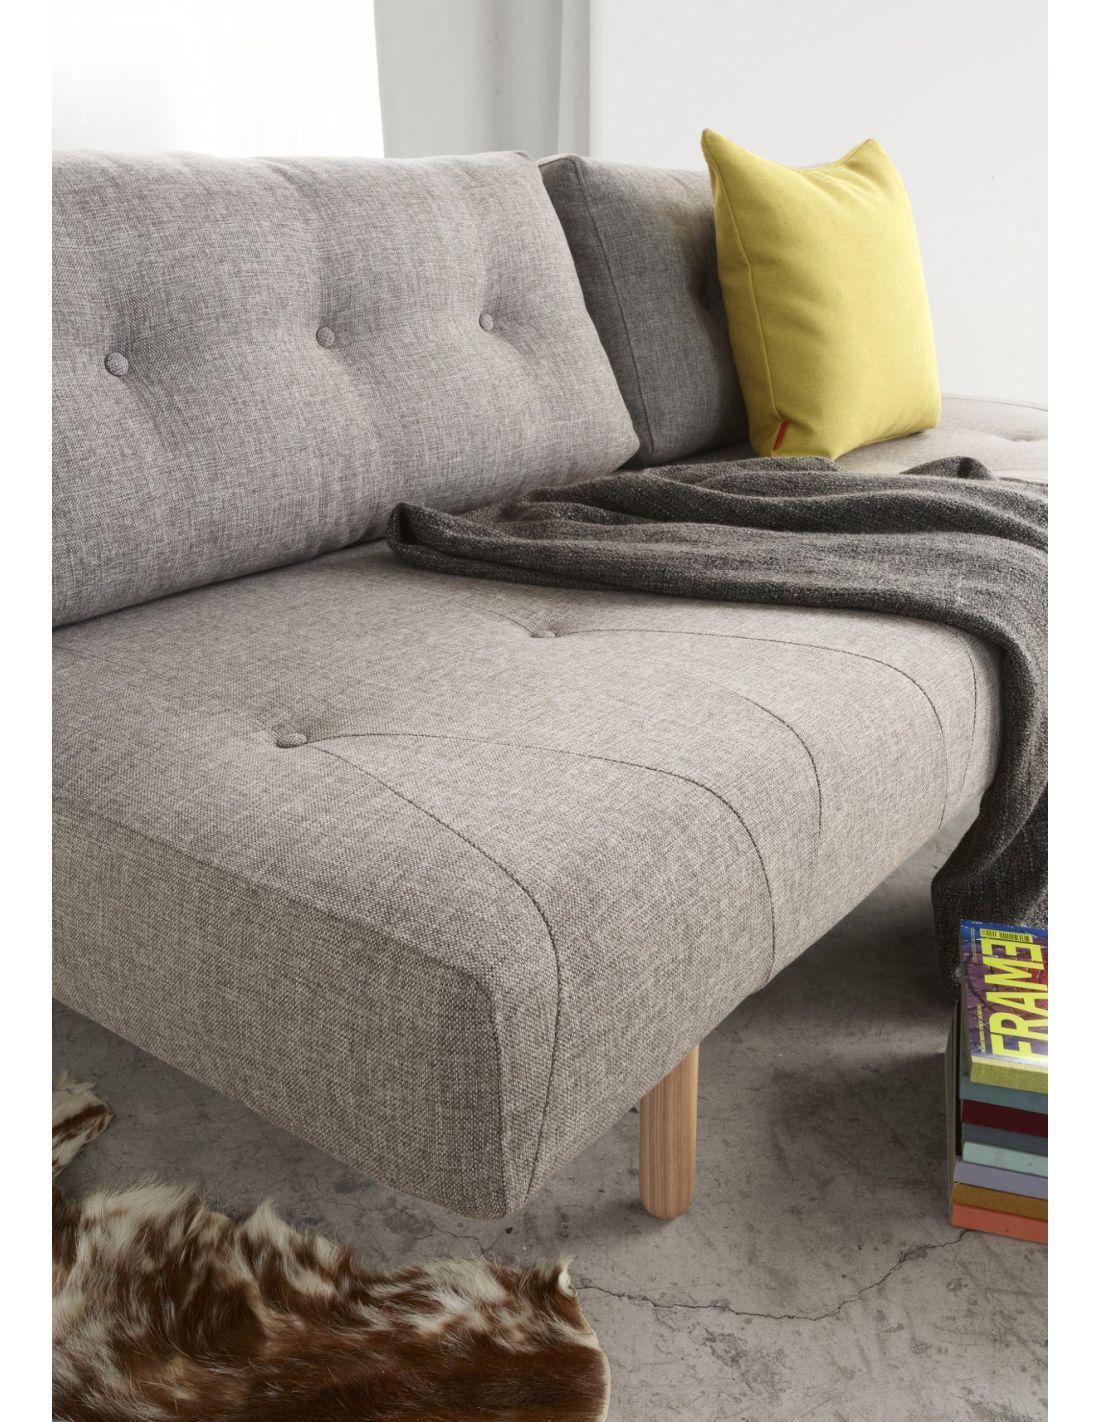 Divano letto rhomb matrimoniale in tessuto design moderno 200 cm - Divano letto per dormire tutte le notti ...